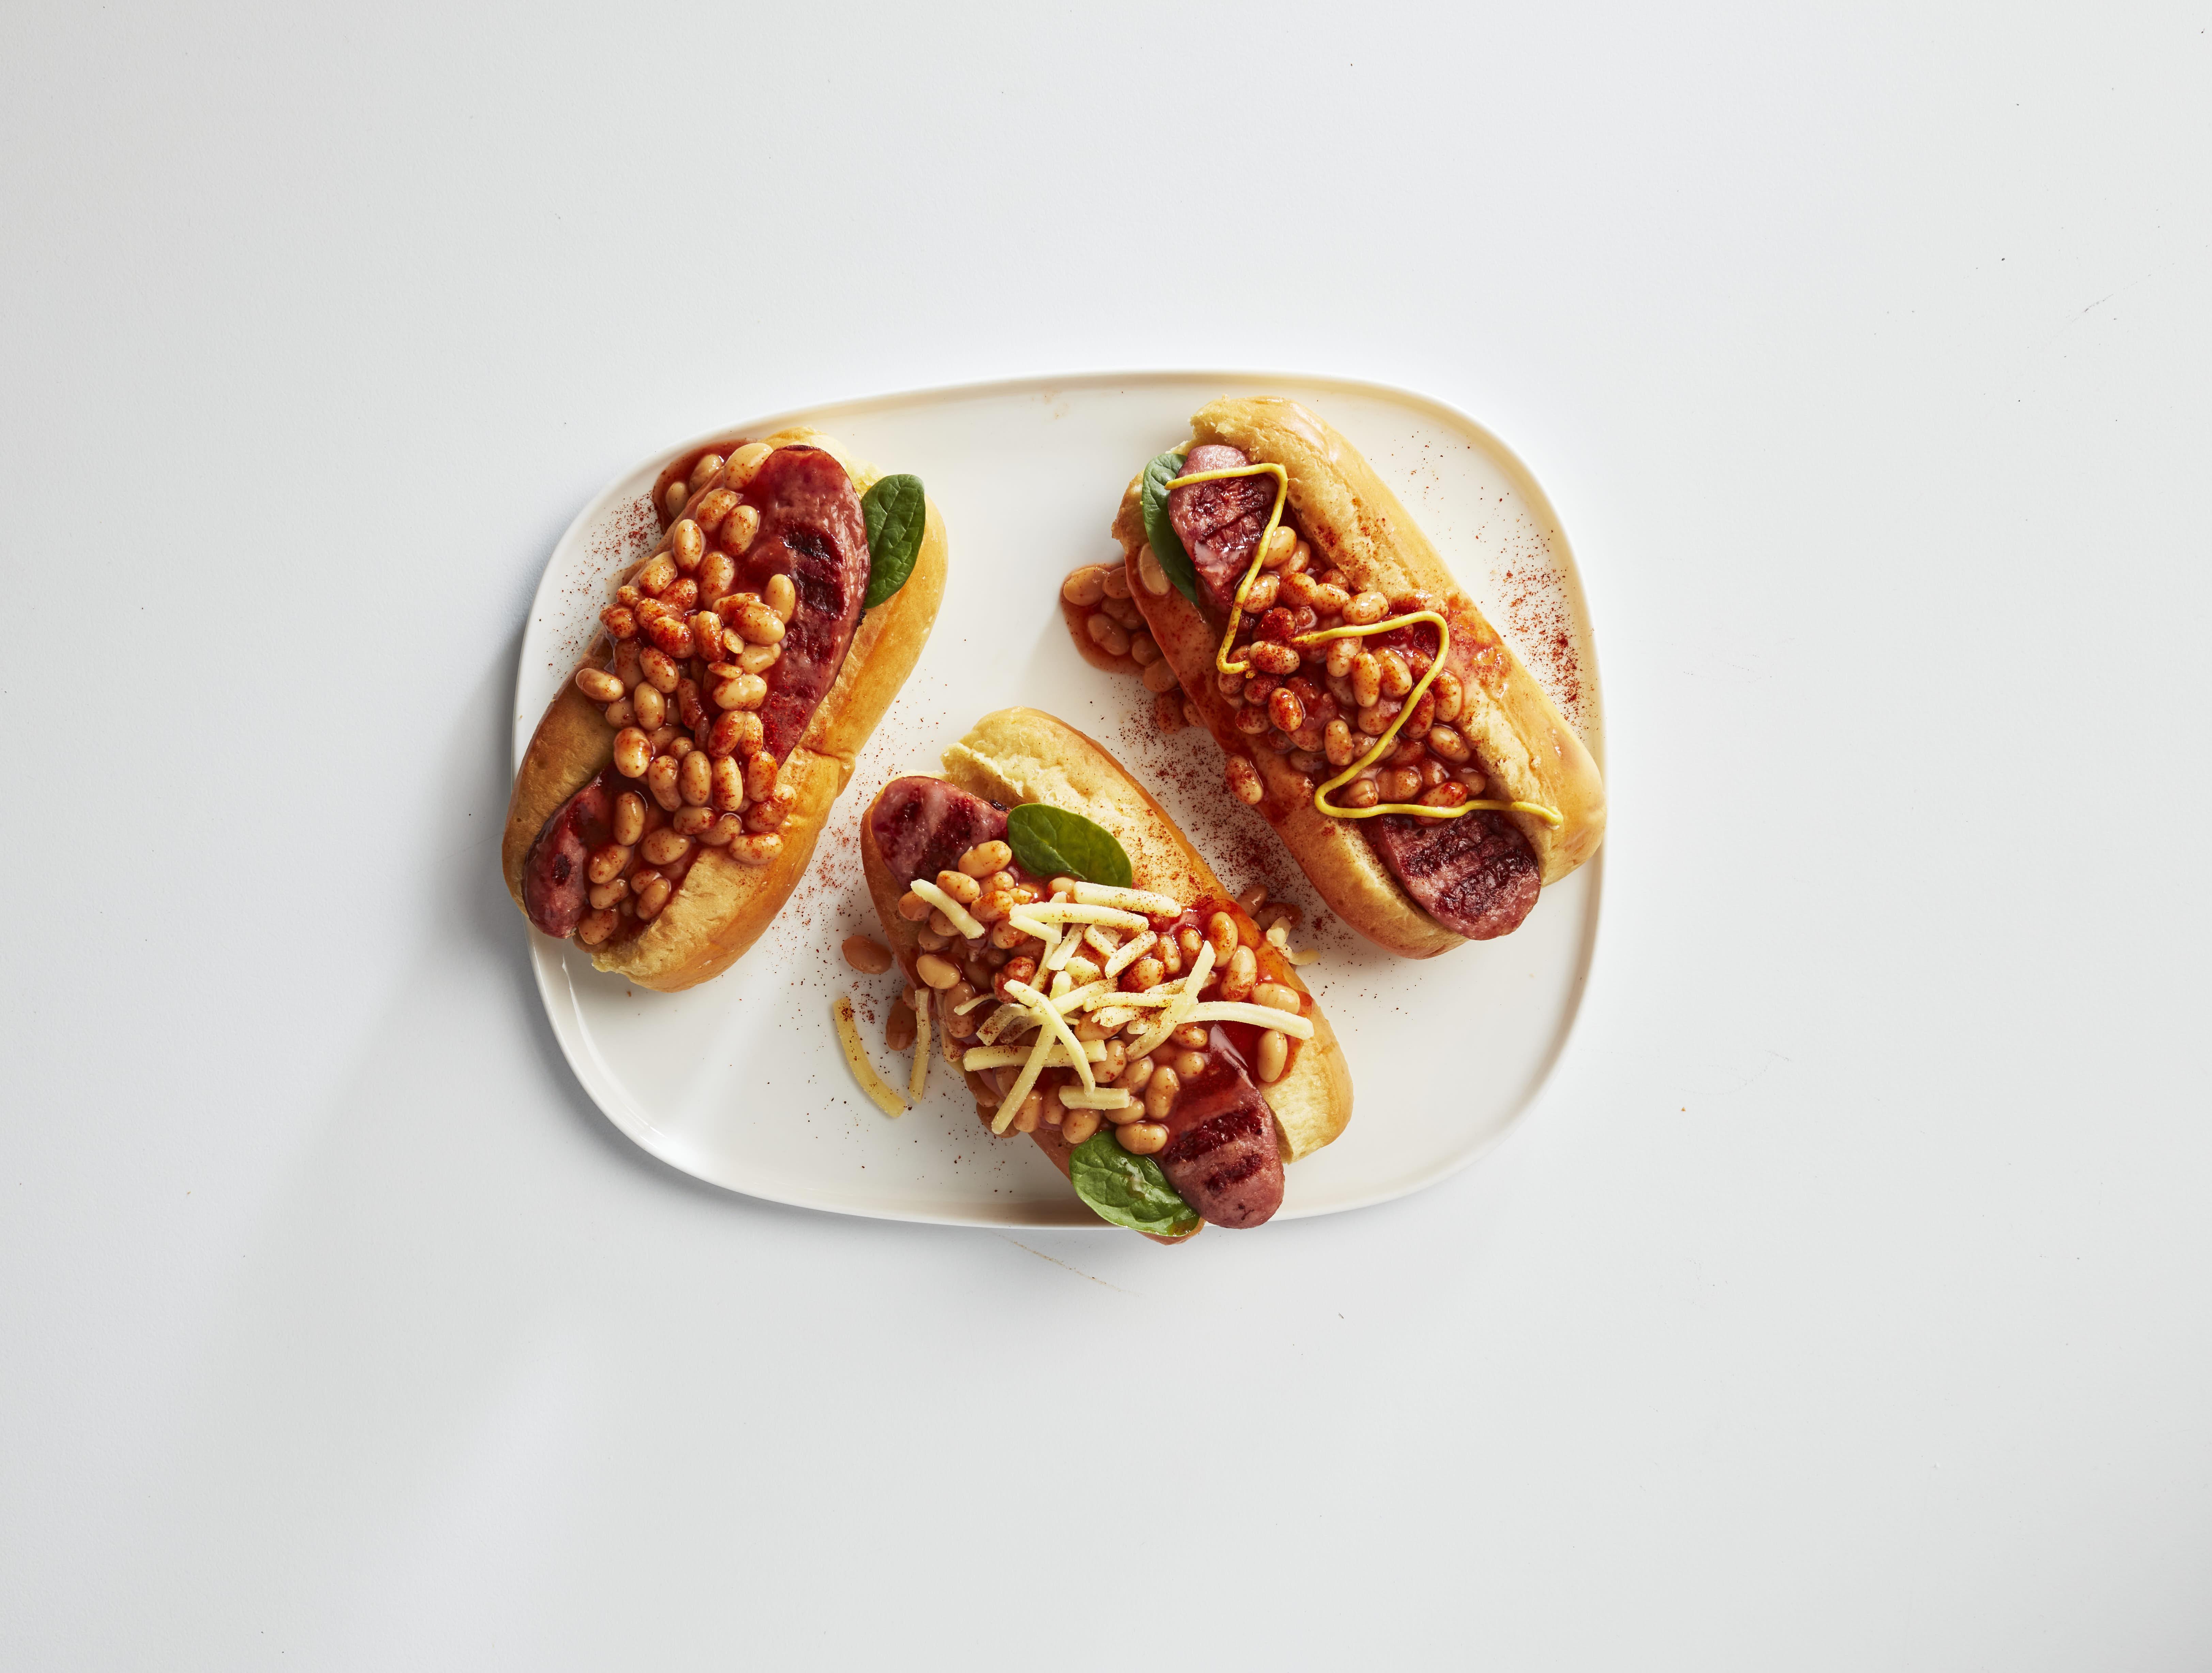 Loaded Beans & Kransky Hotdogs